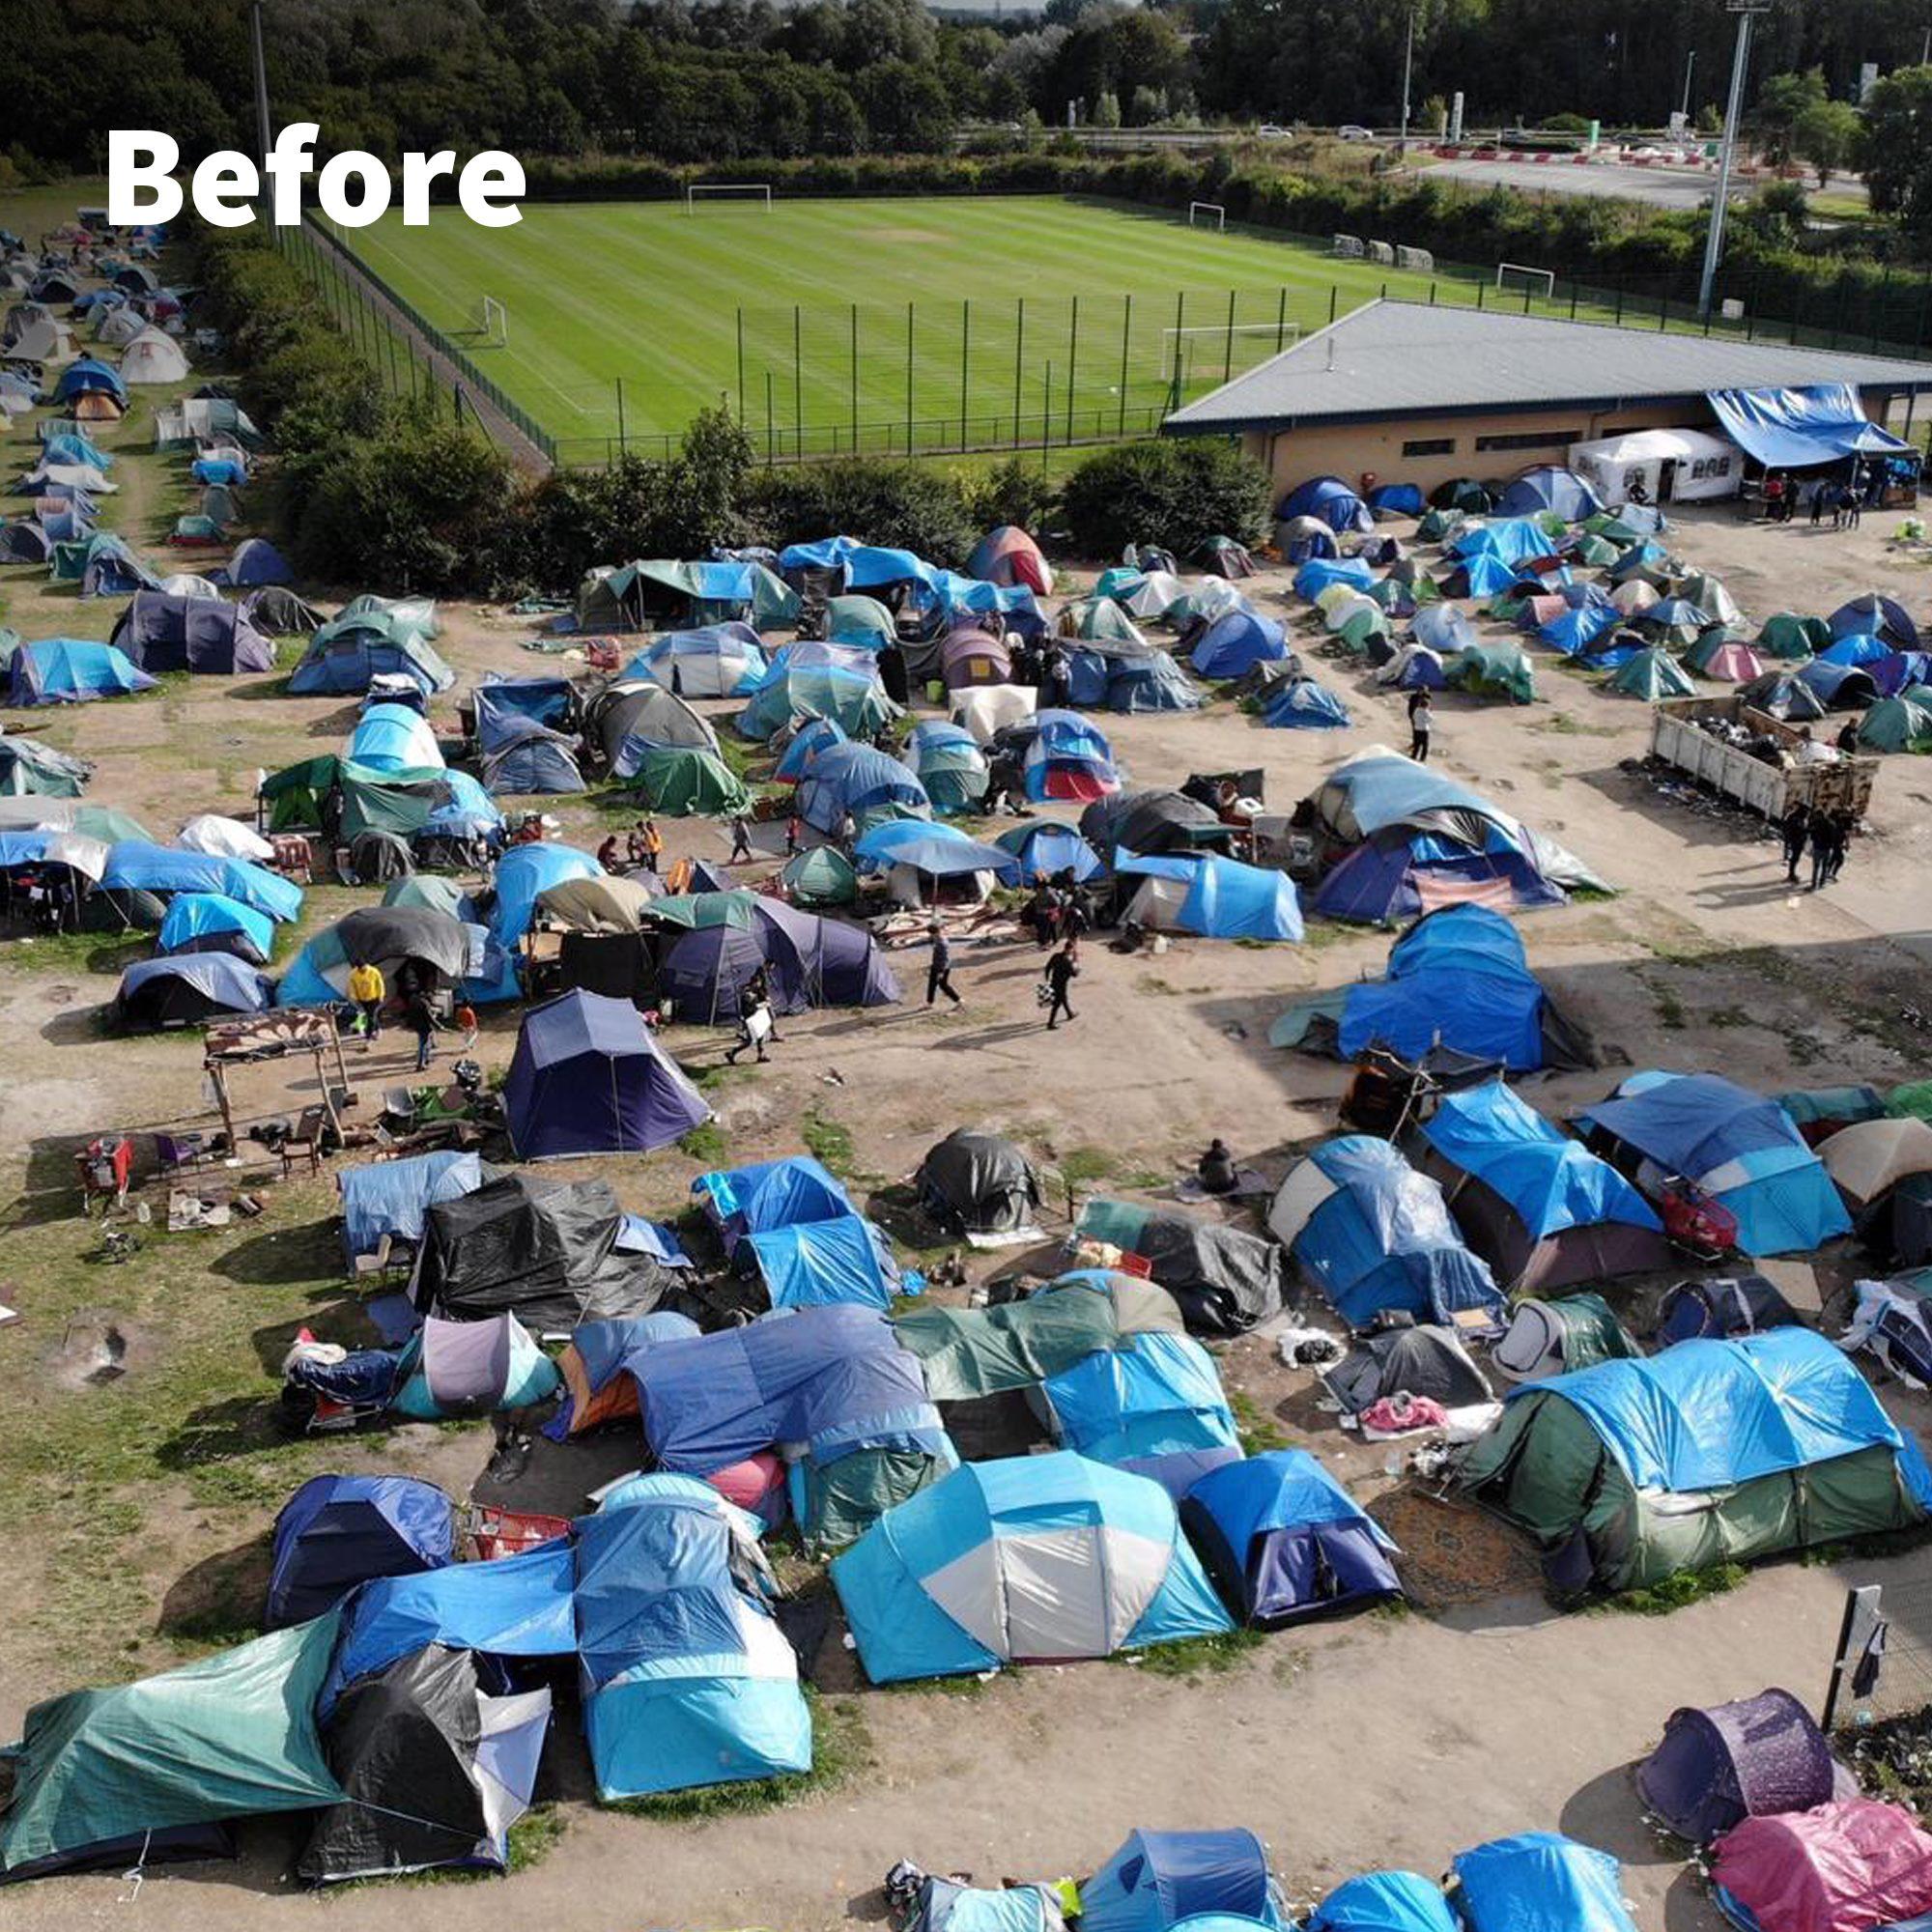 10. Hilfslieferung – nach Calais, Frankreich